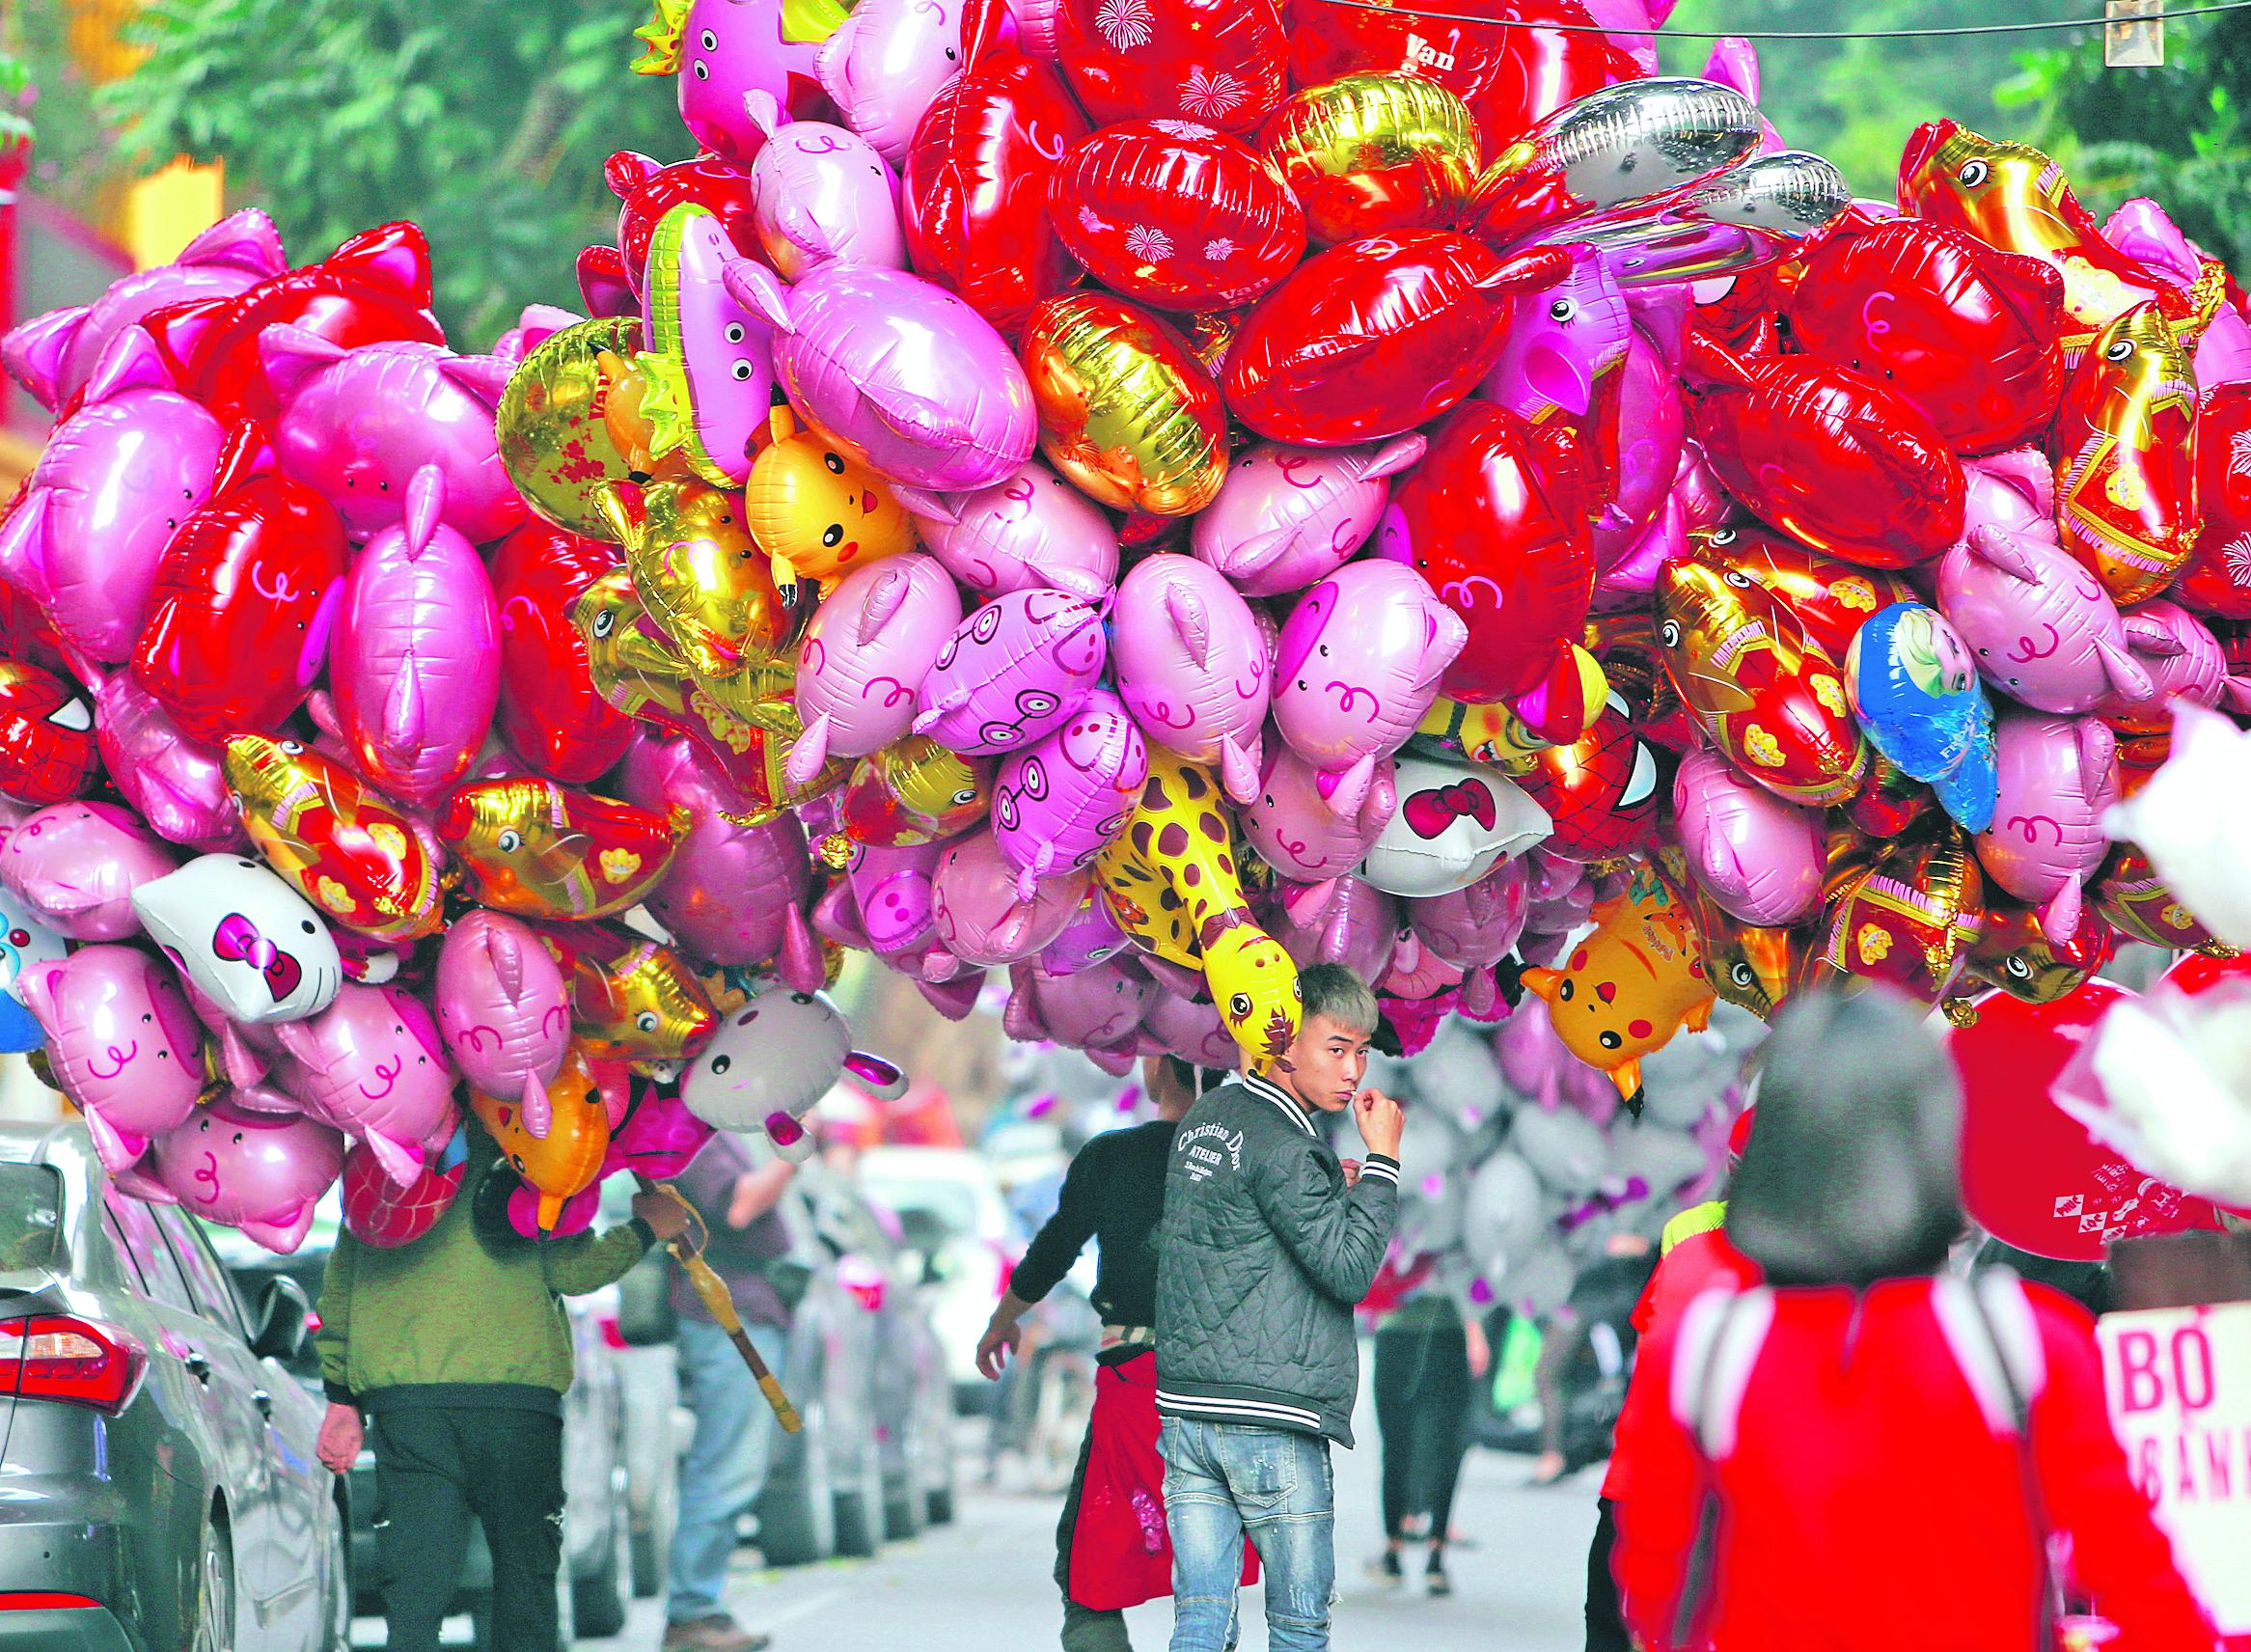 Hanoi utcai árus tömérdek malacos lufival